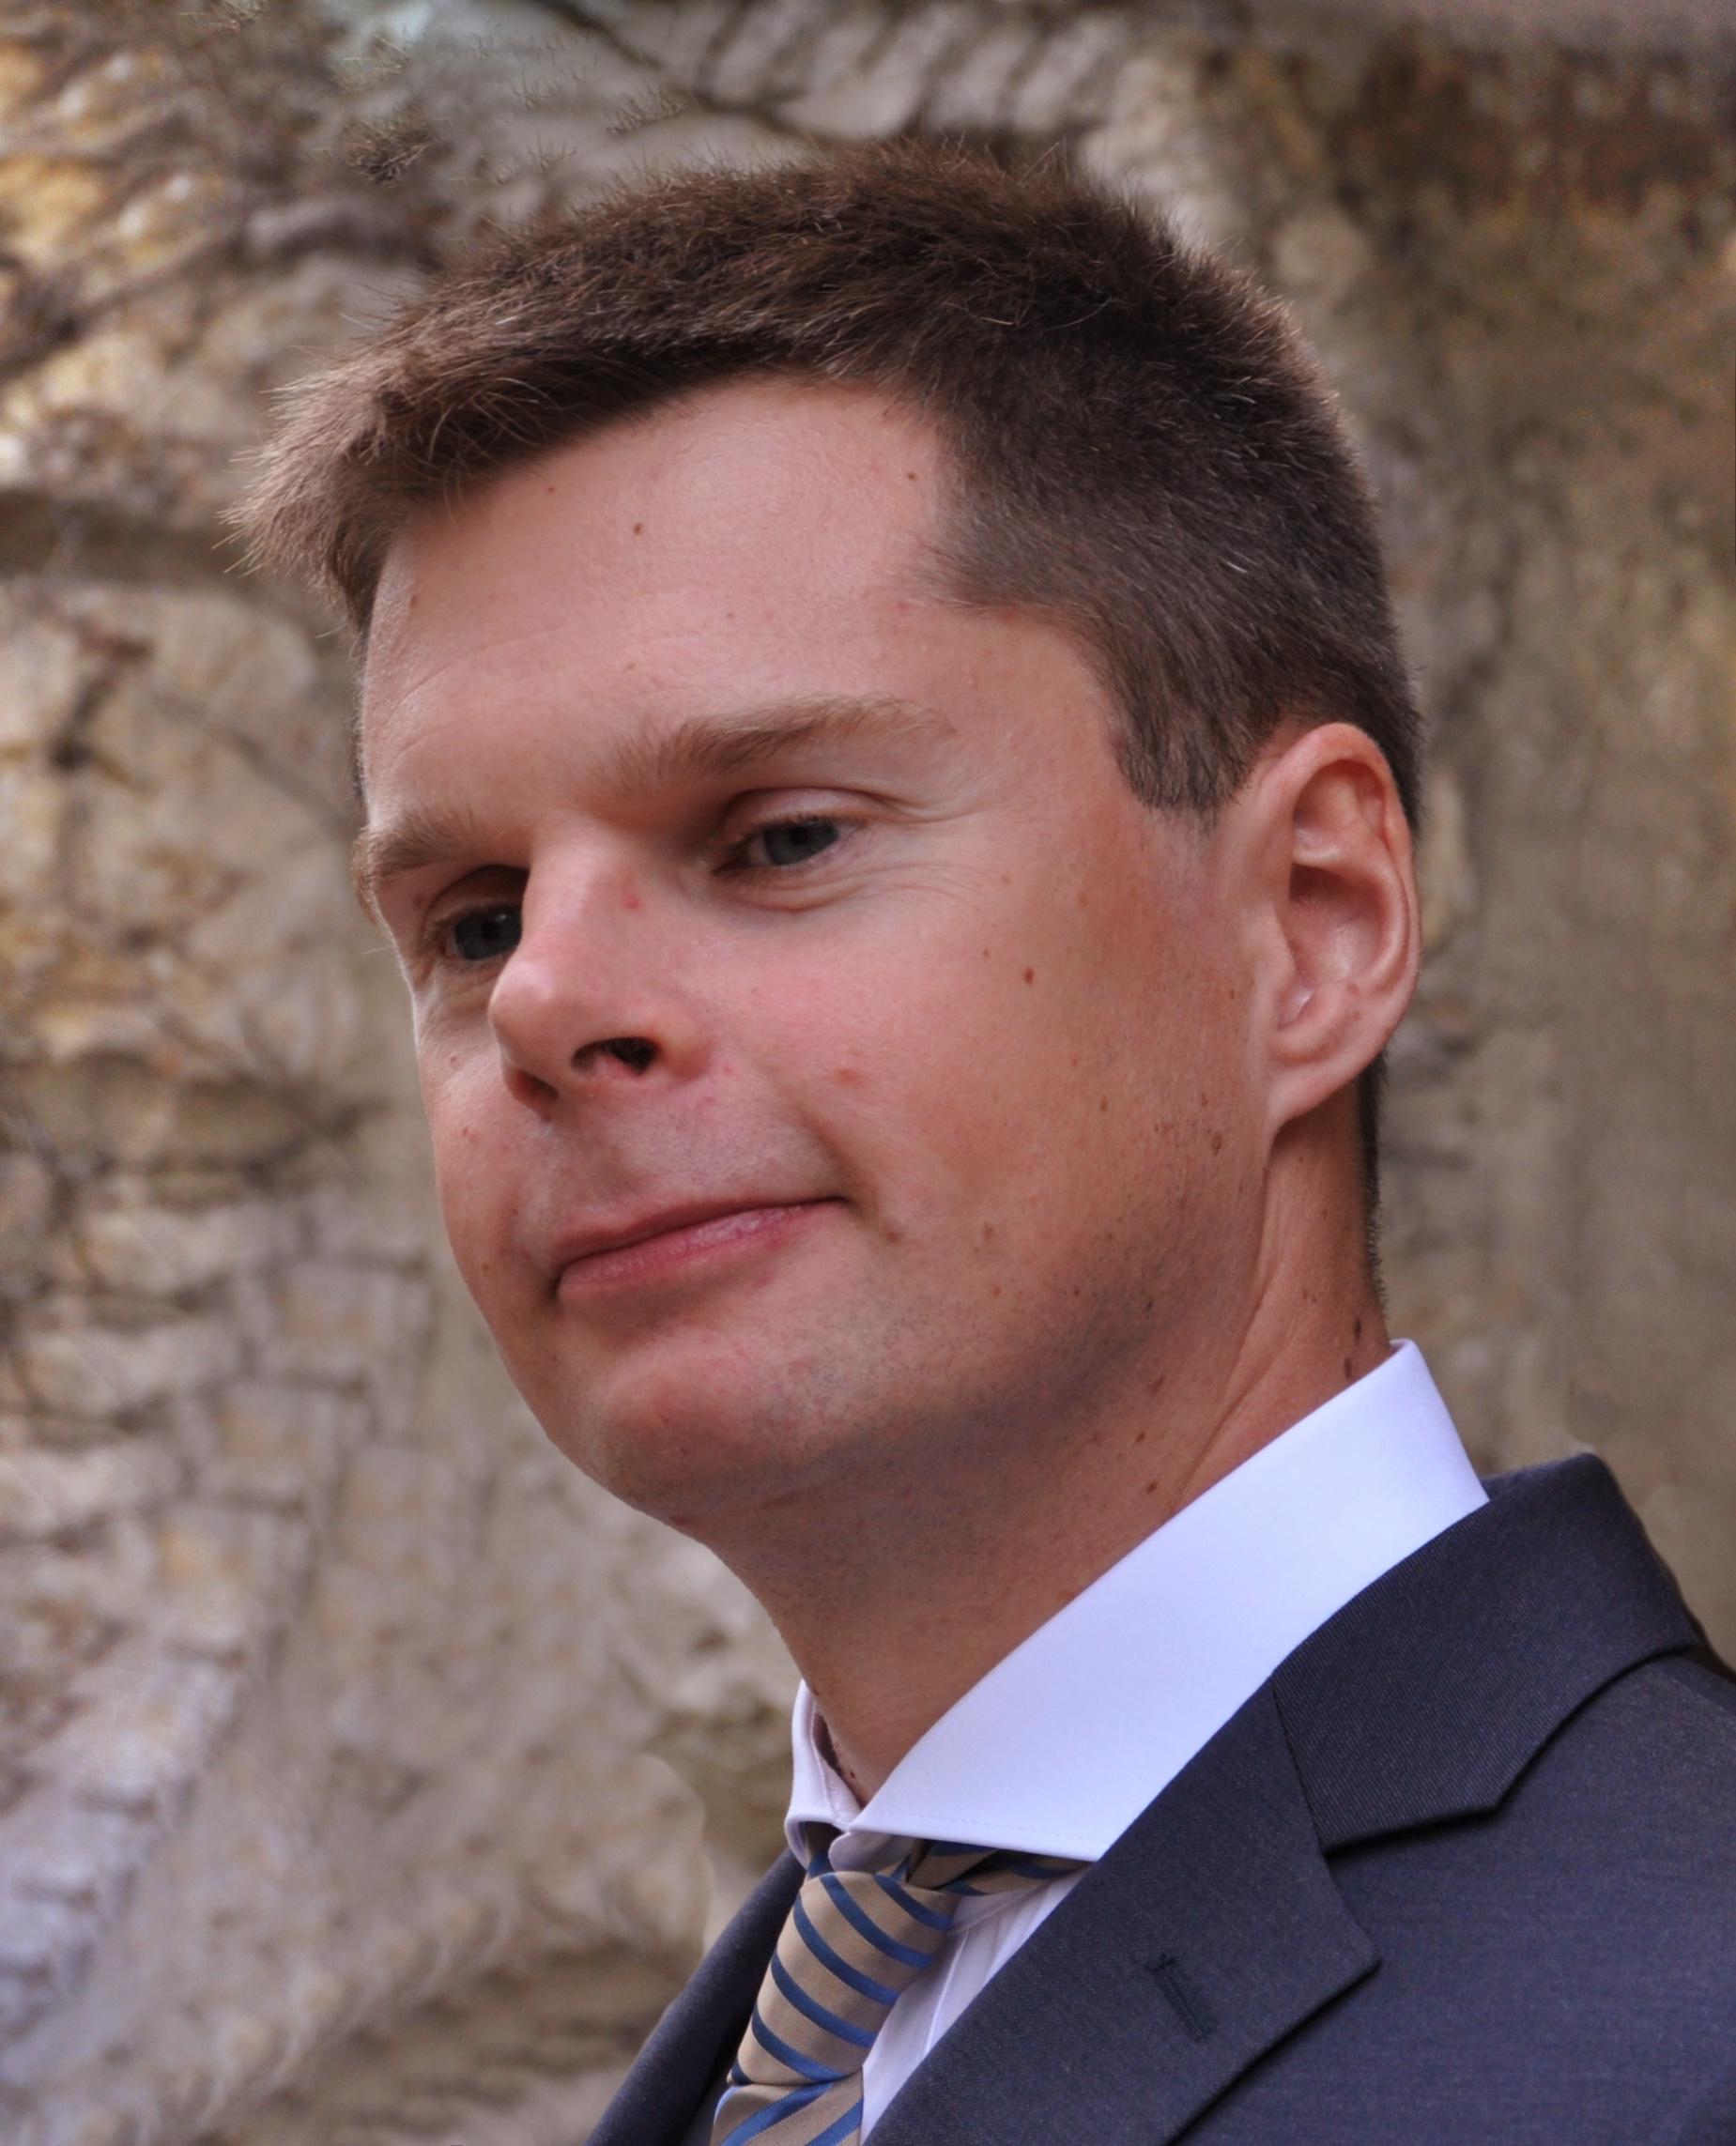 Moritz Eysholdt